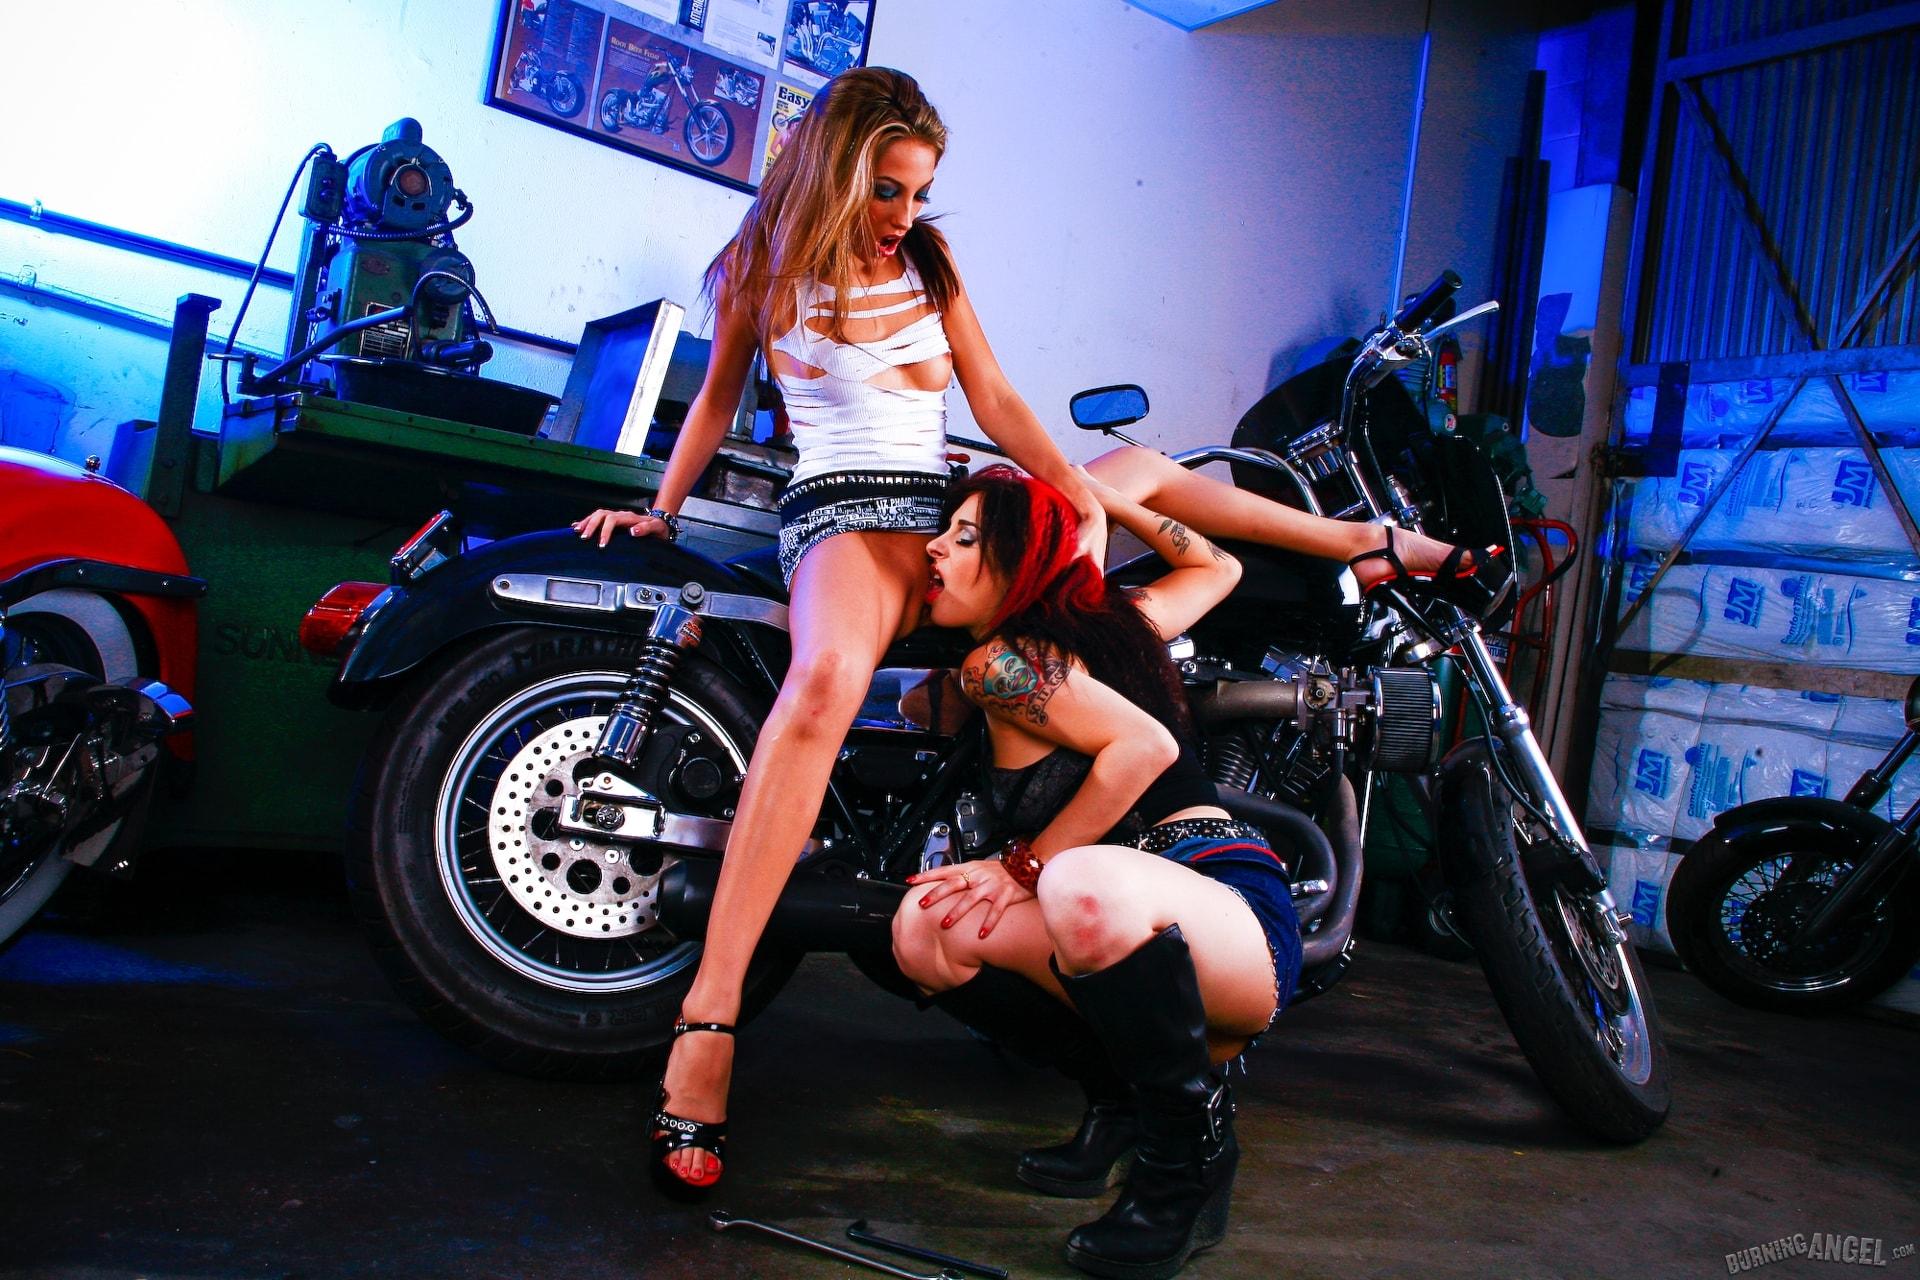 Burning Angel 'Joanna Loves Jenna Haze' starring Joanna Angel (Photo 4)